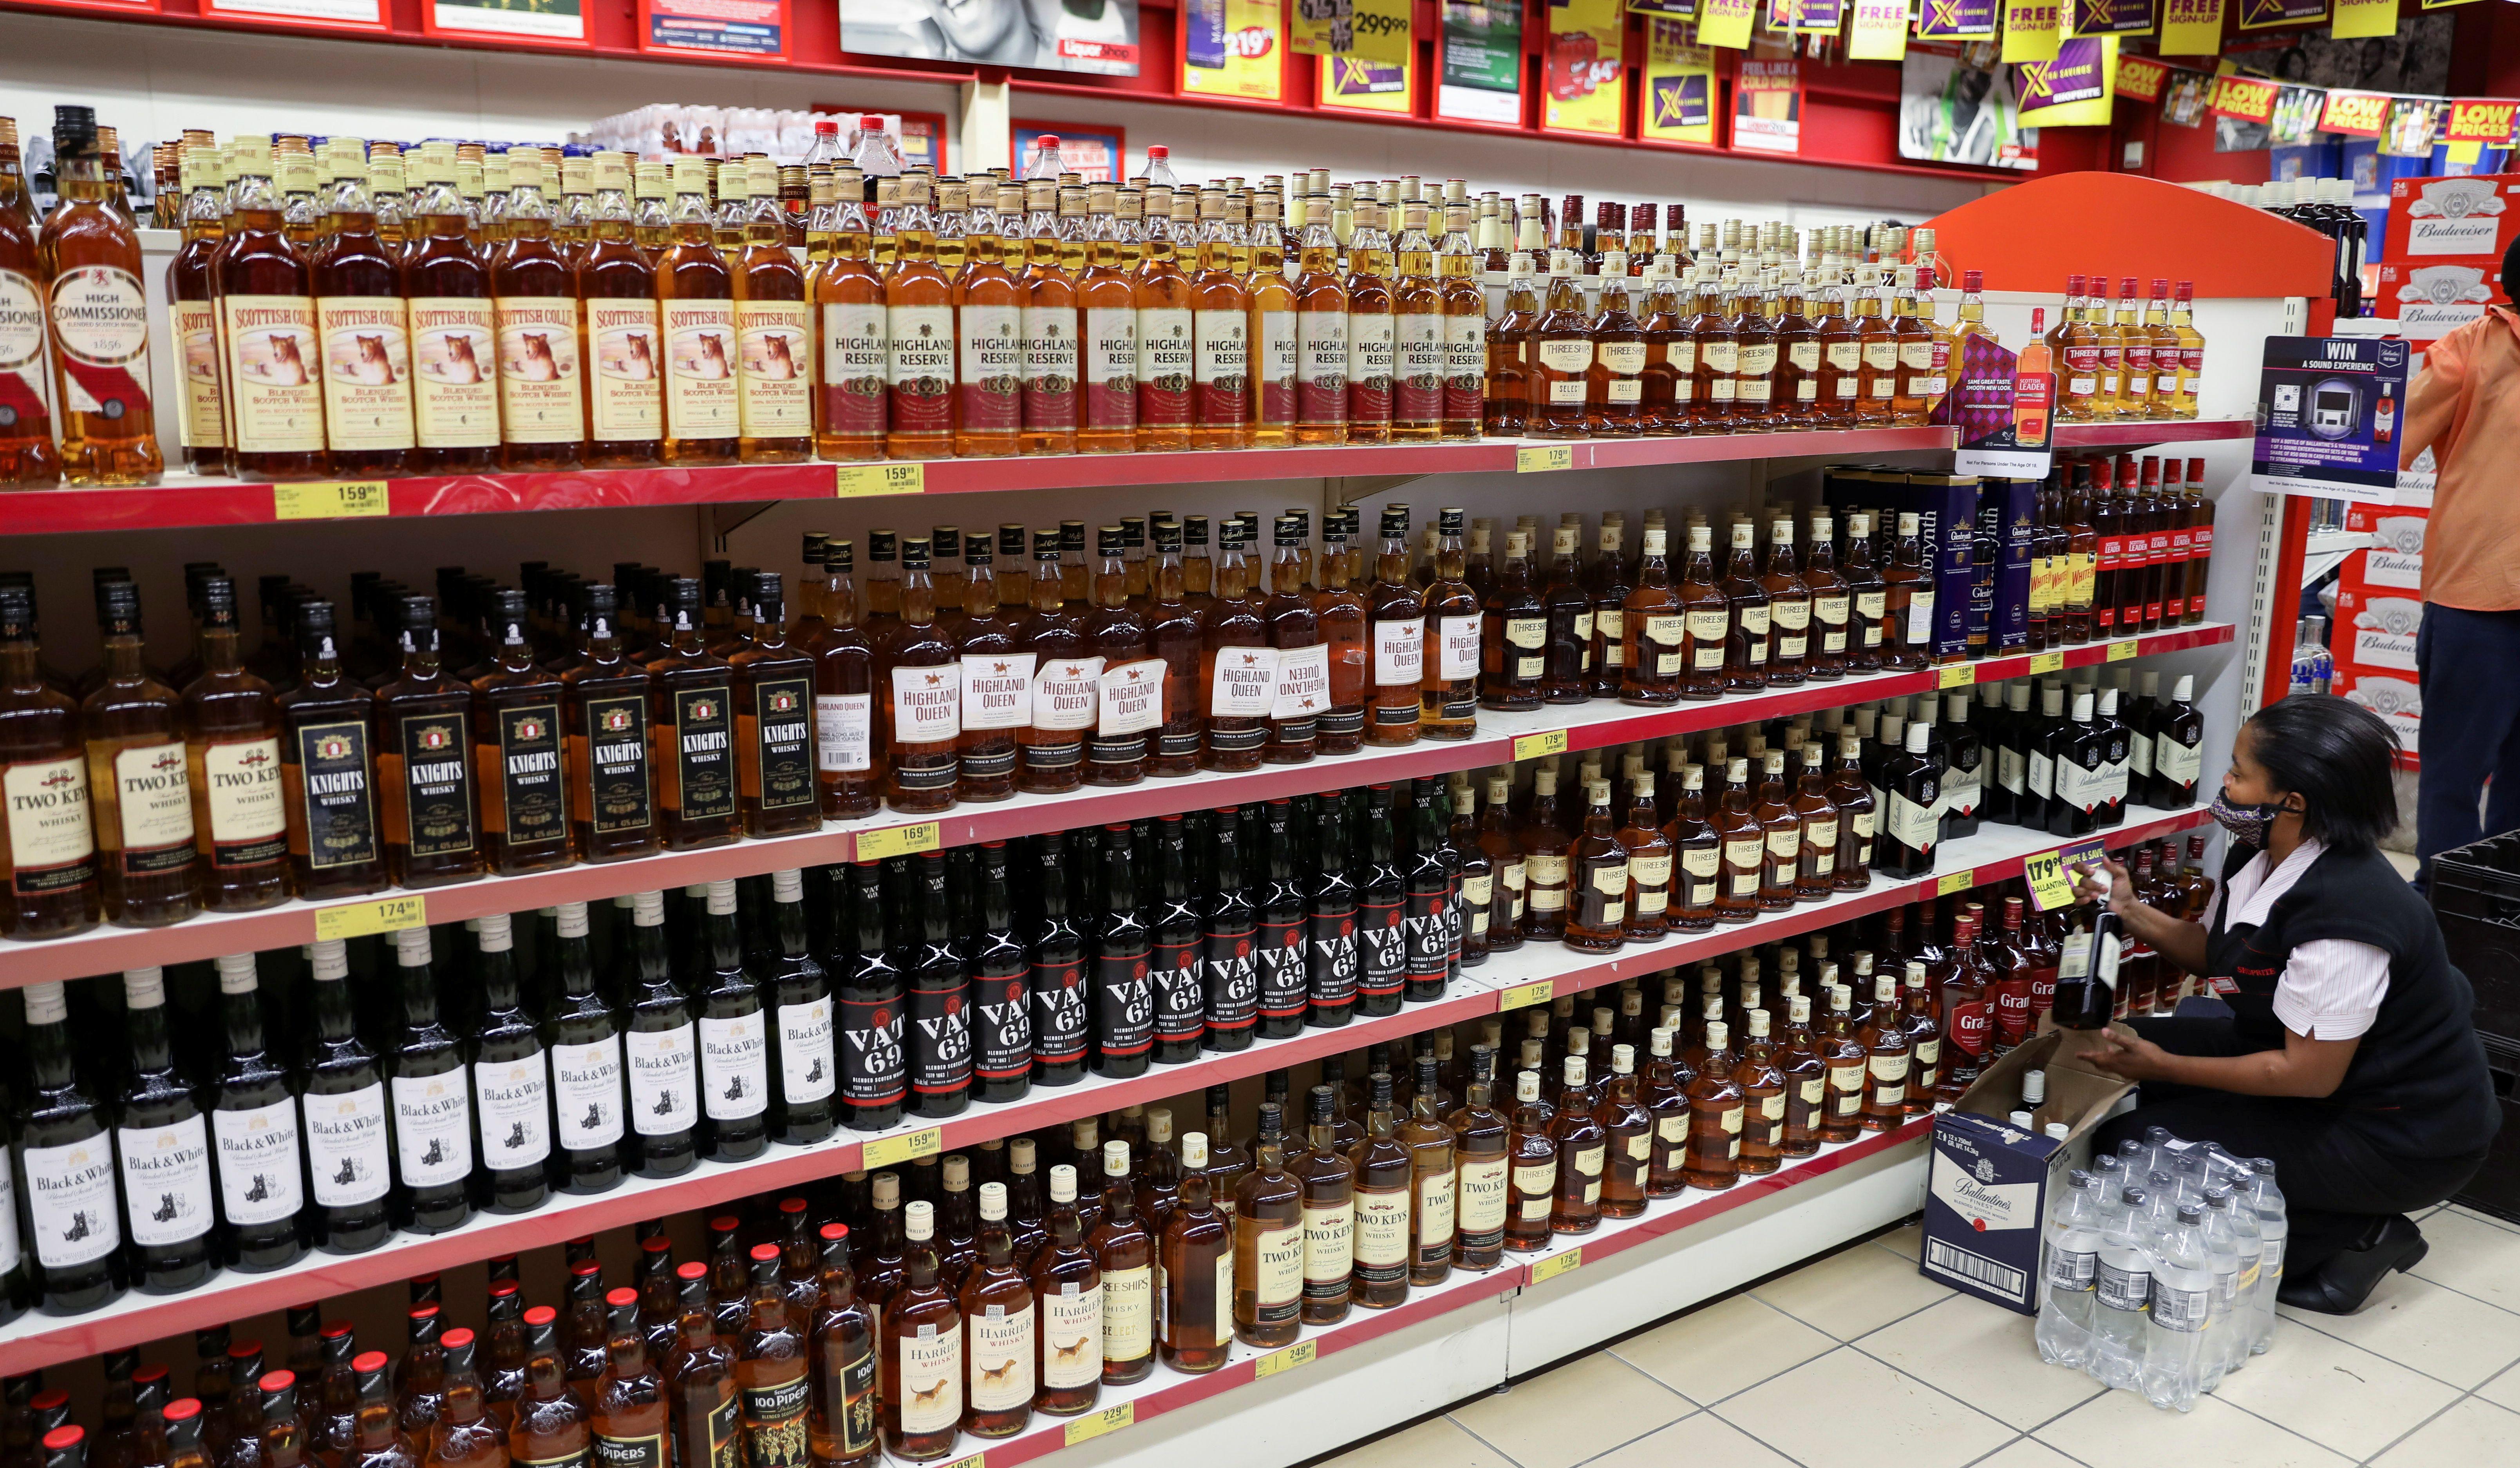 En 2020, investigadores del Instituto Nacional sobre el Abuso del Alcohol y el Alcoholismo (NIAAA) encontraron que desde 1999 hasta 2017, el consumo per cápita aumentó en un 8 por cientoREUTERS/Siphiwe Sibeko